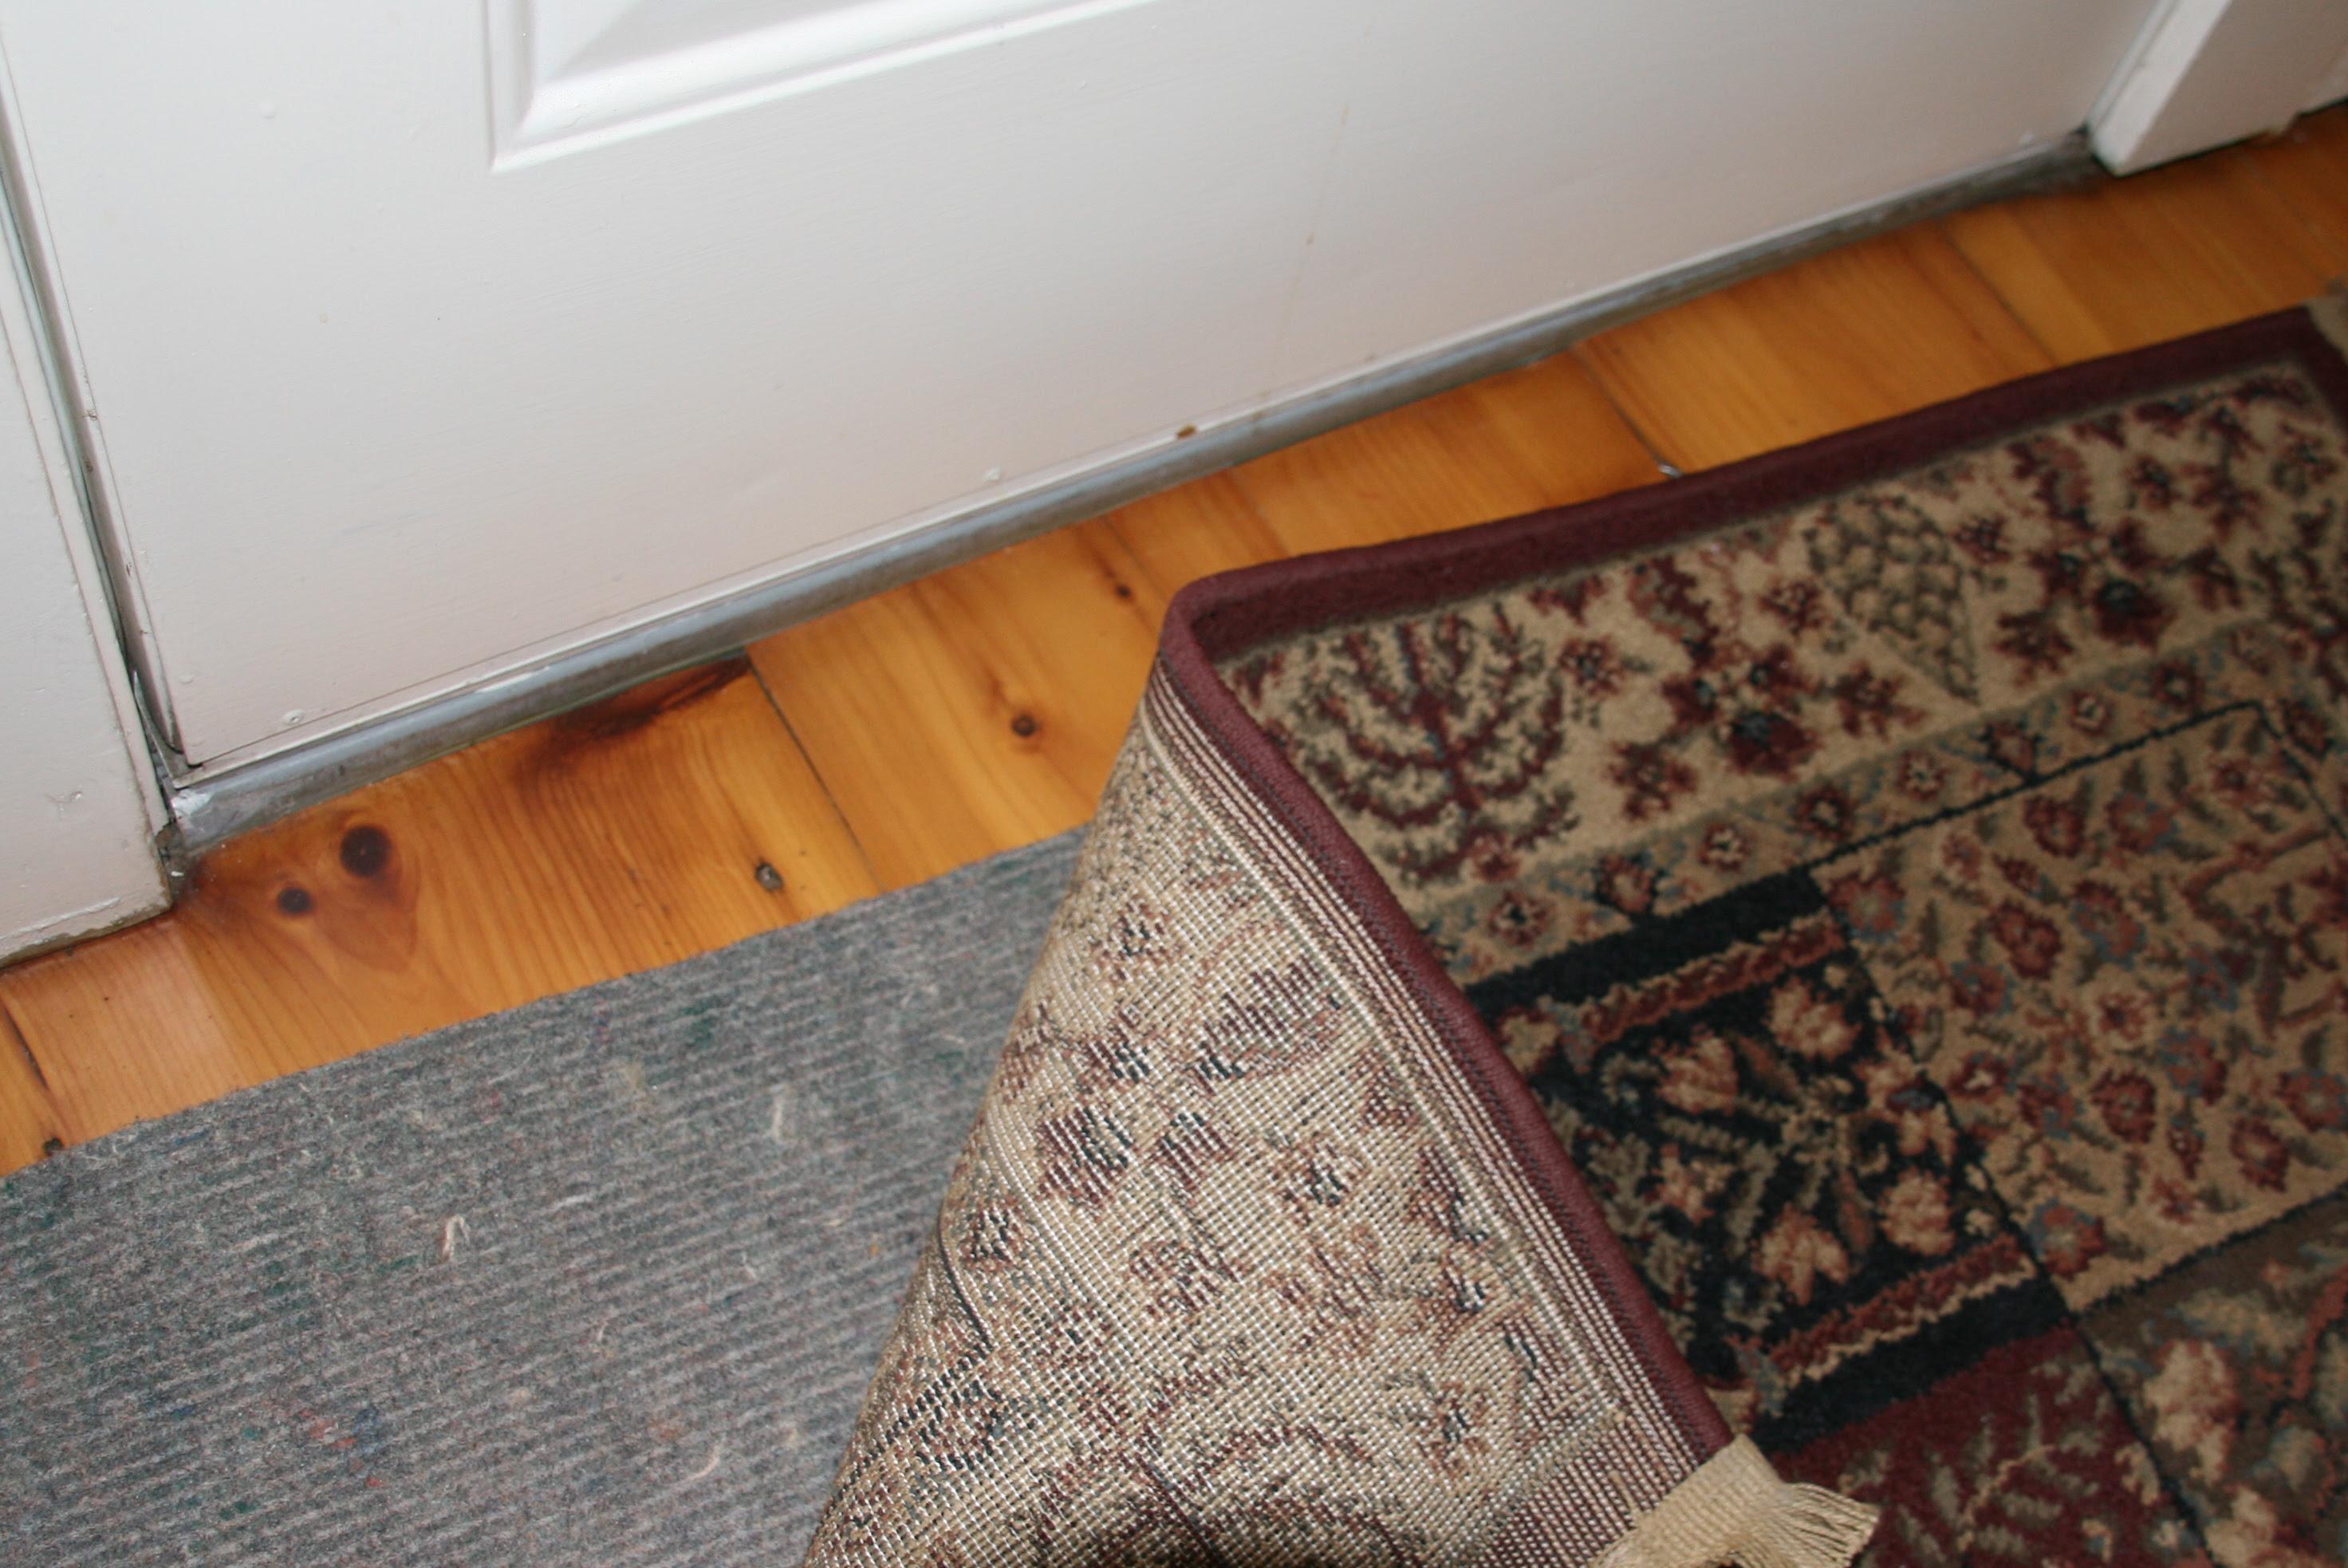 Area Rugs for Wood Floors   duffyfloors